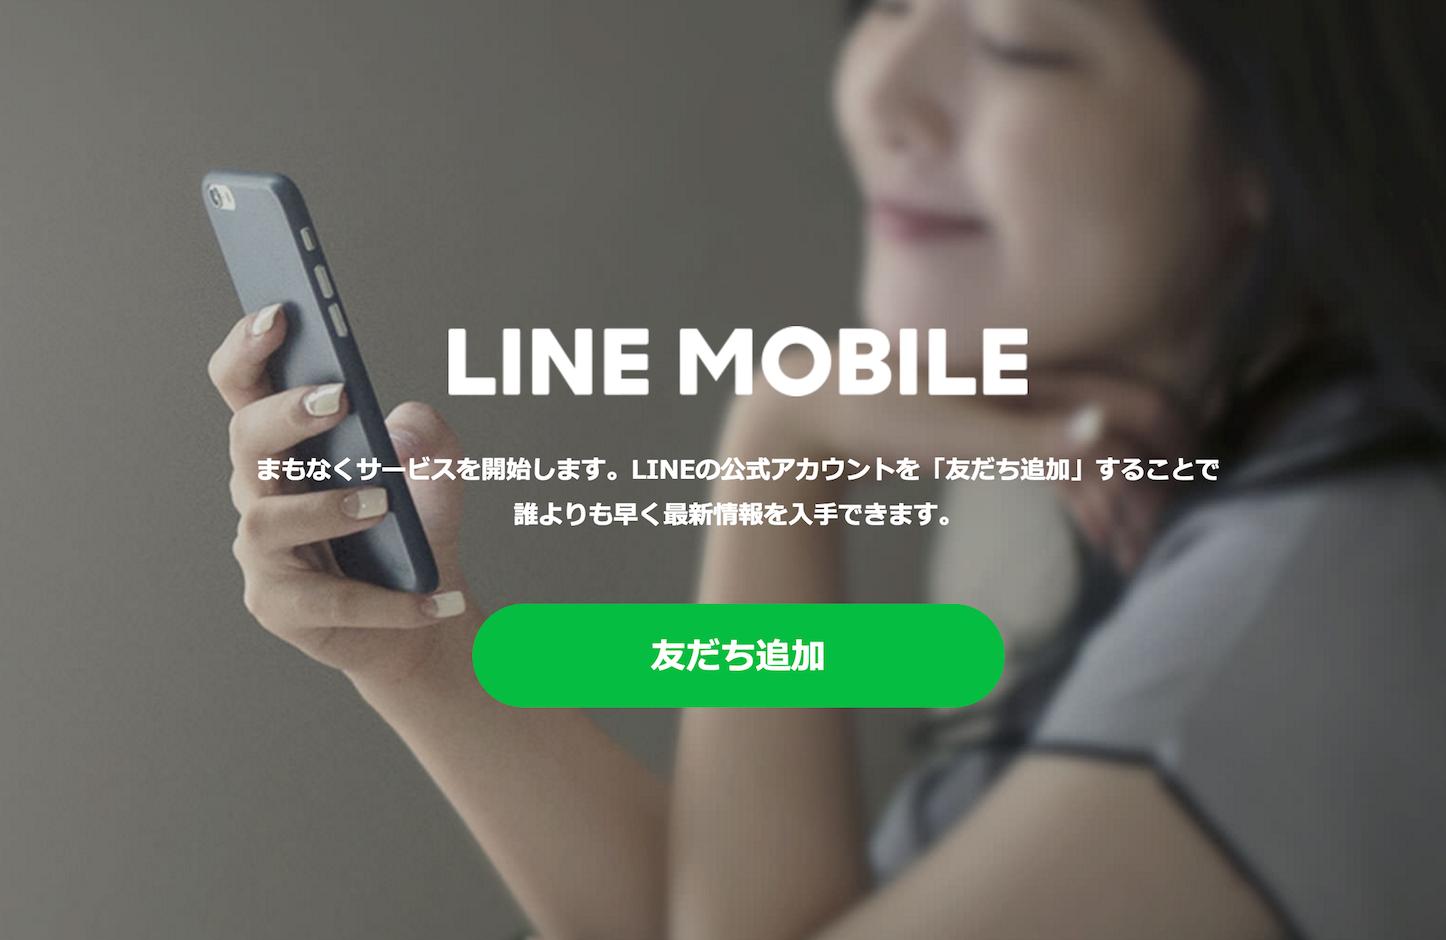 Line mobile teaser site